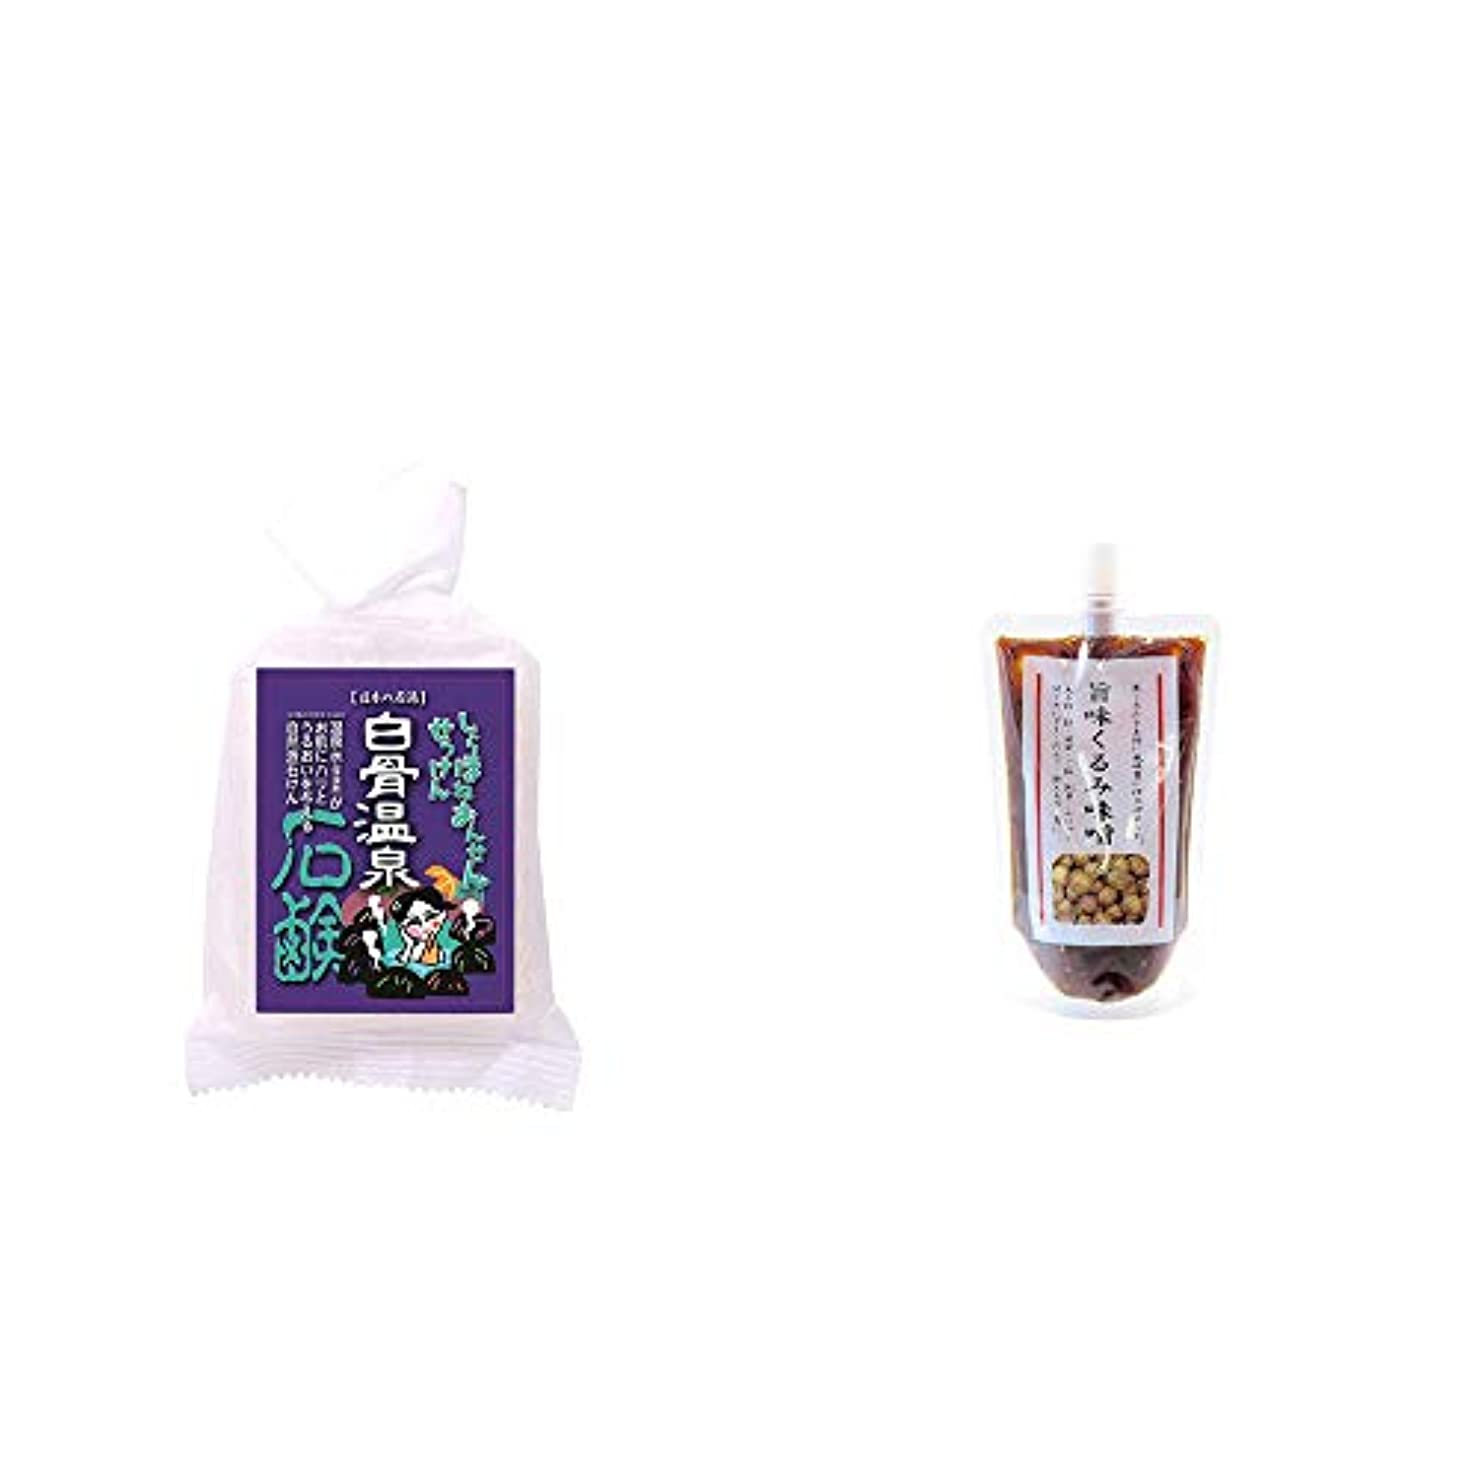 獲物セージダイヤモンド[2点セット] 信州 白骨温泉石鹸(80g)?旨味くるみ味噌(260g)